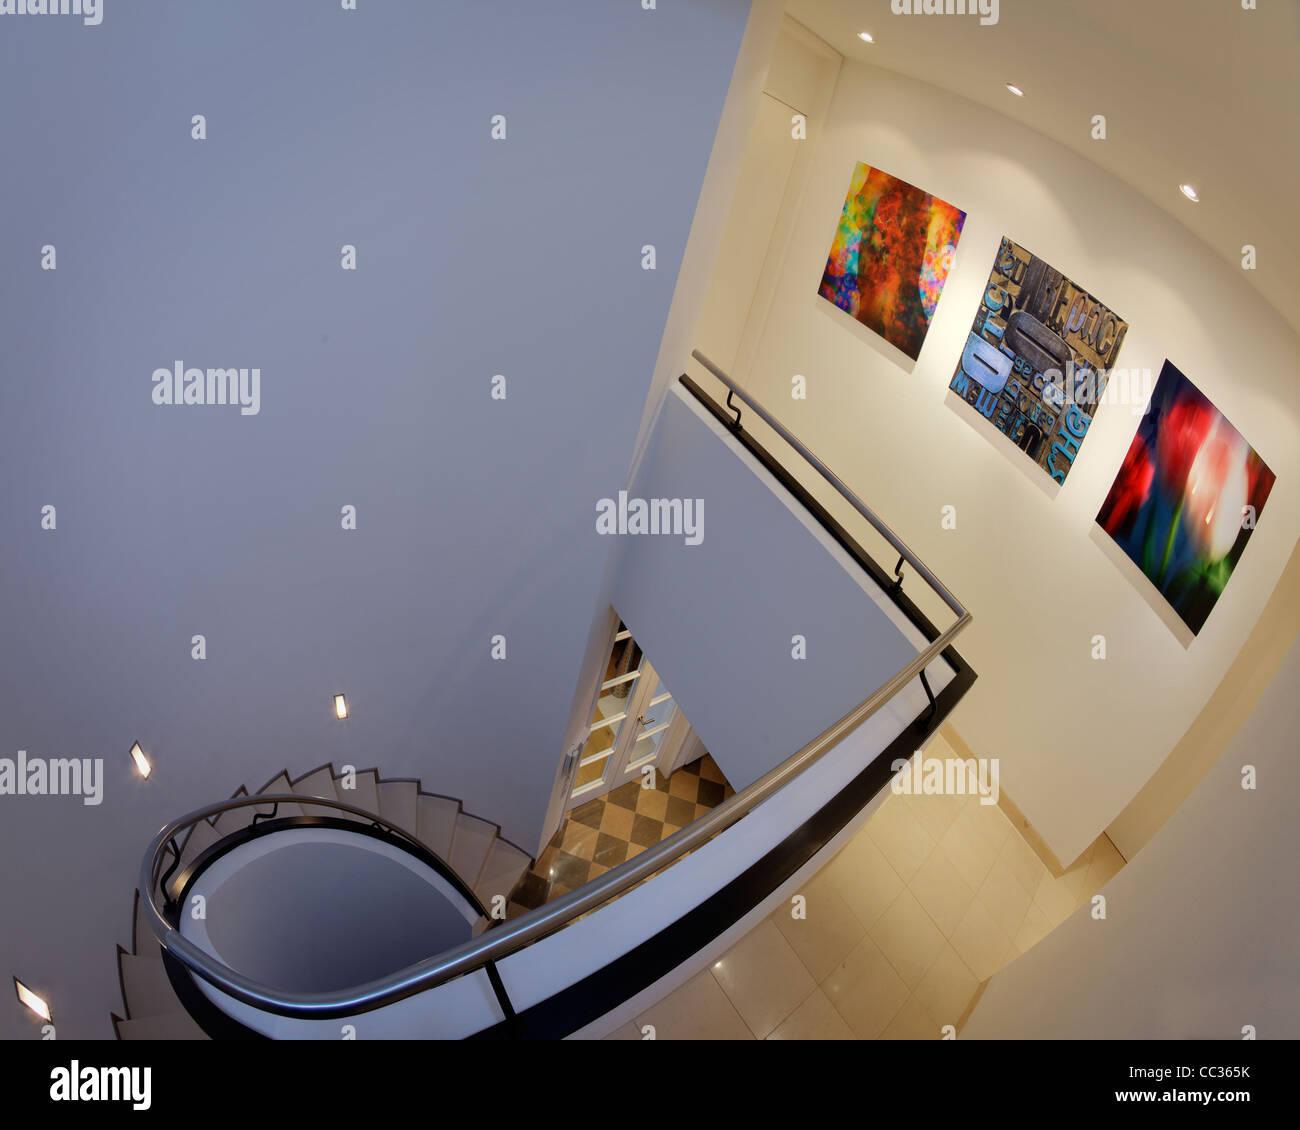 Arquitectura: Galería Privada Display (Alemania/Bad Toelz) Imagen De Stock